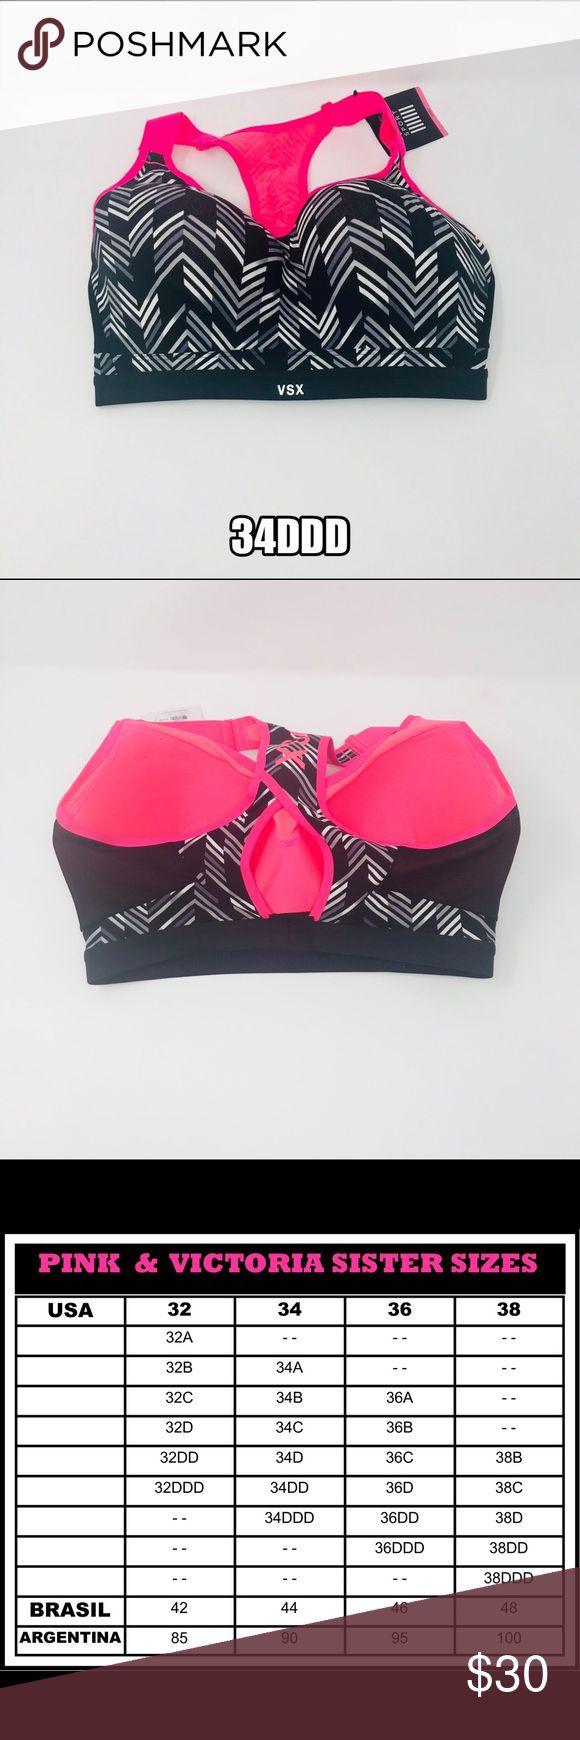 Secret Size Victoria Underwear Chart